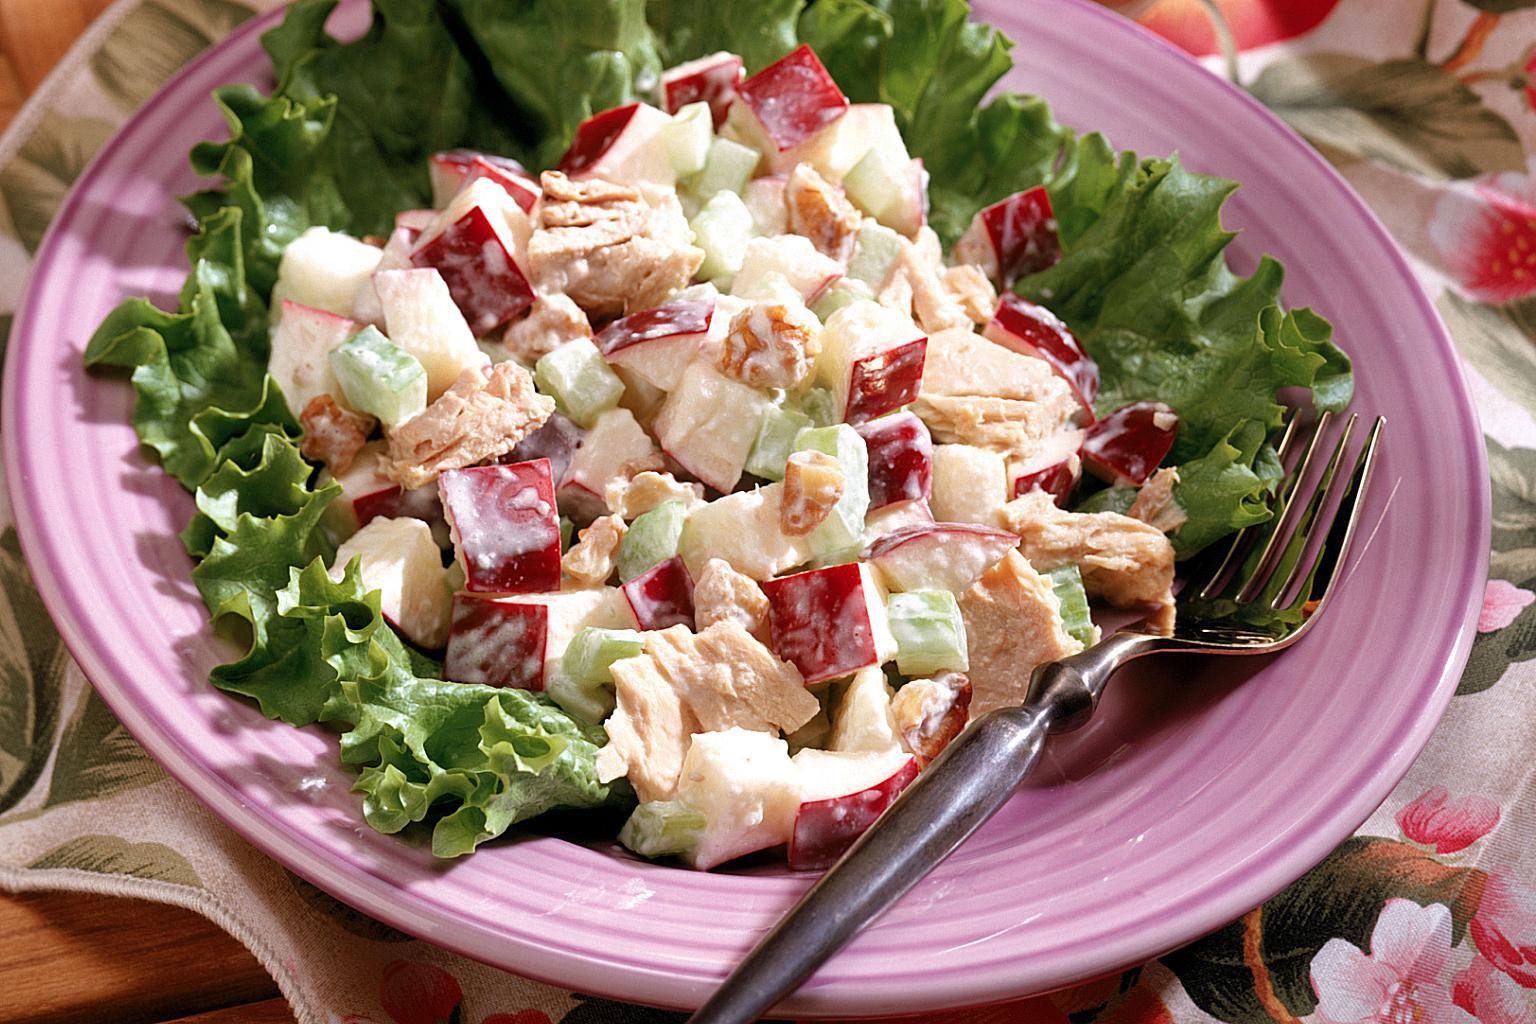 парни, картинки куриный салат вытянутый, неровной береговой